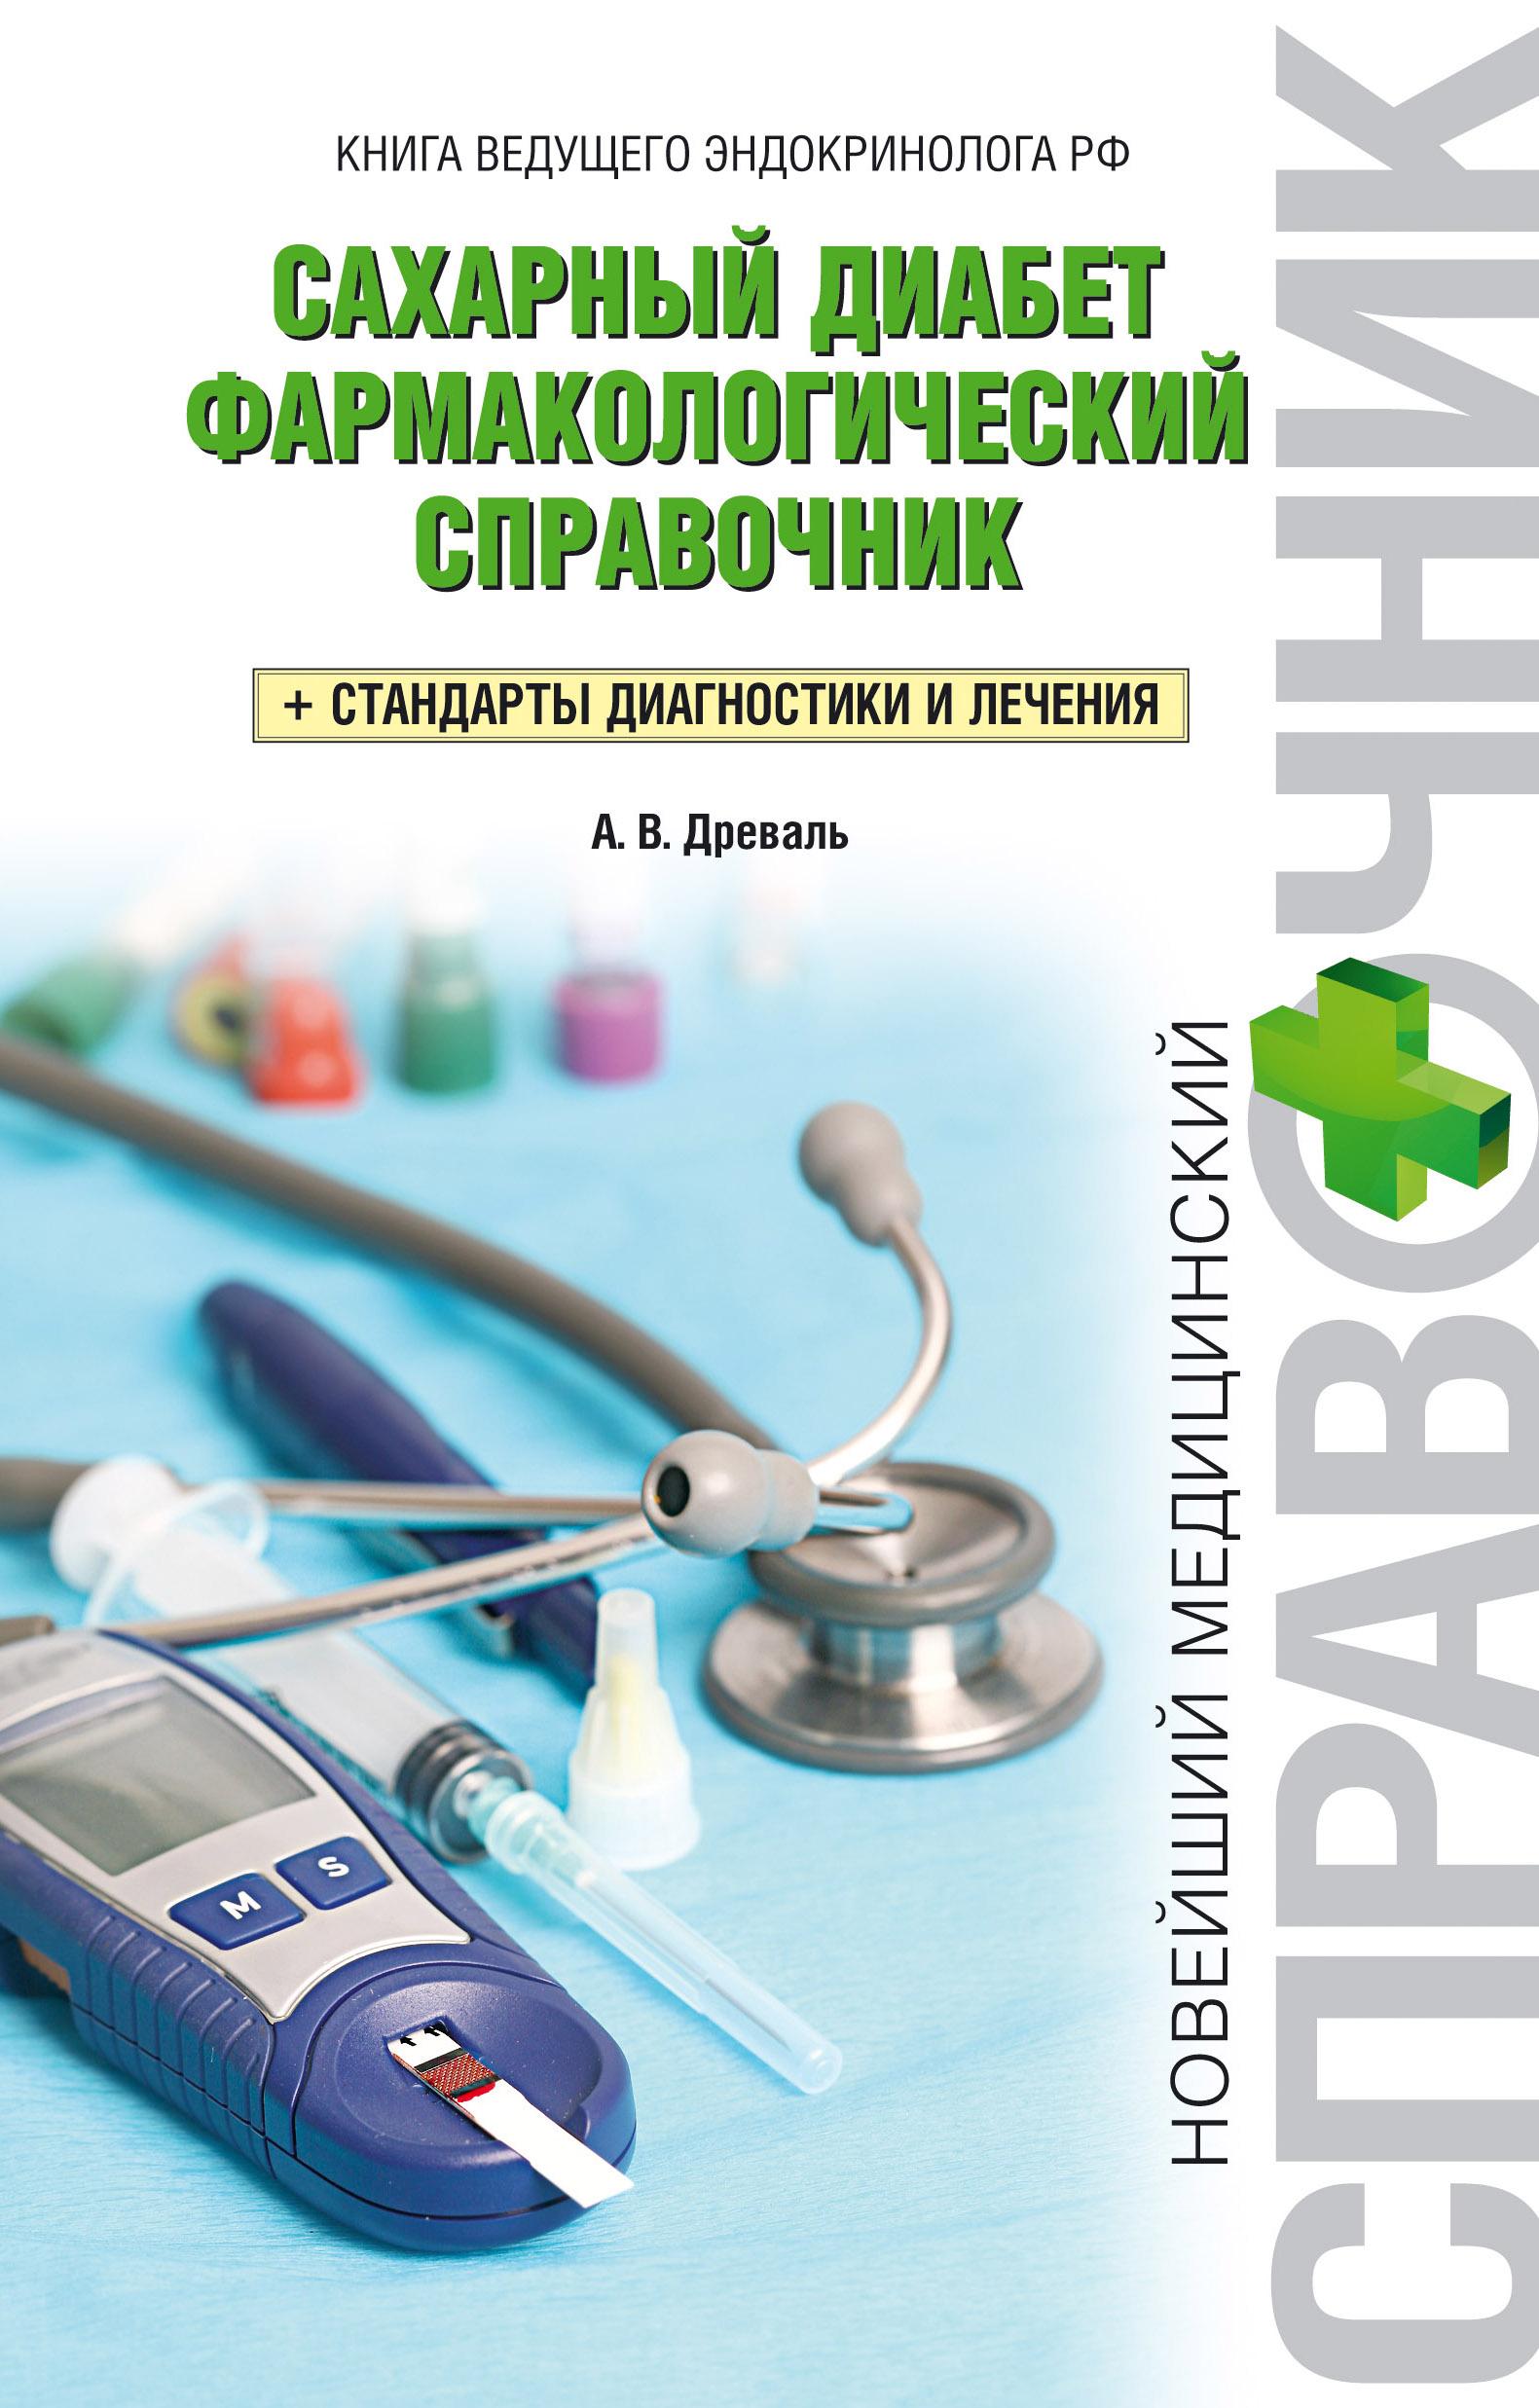 Сахарный диабет. Фармакологический справочник